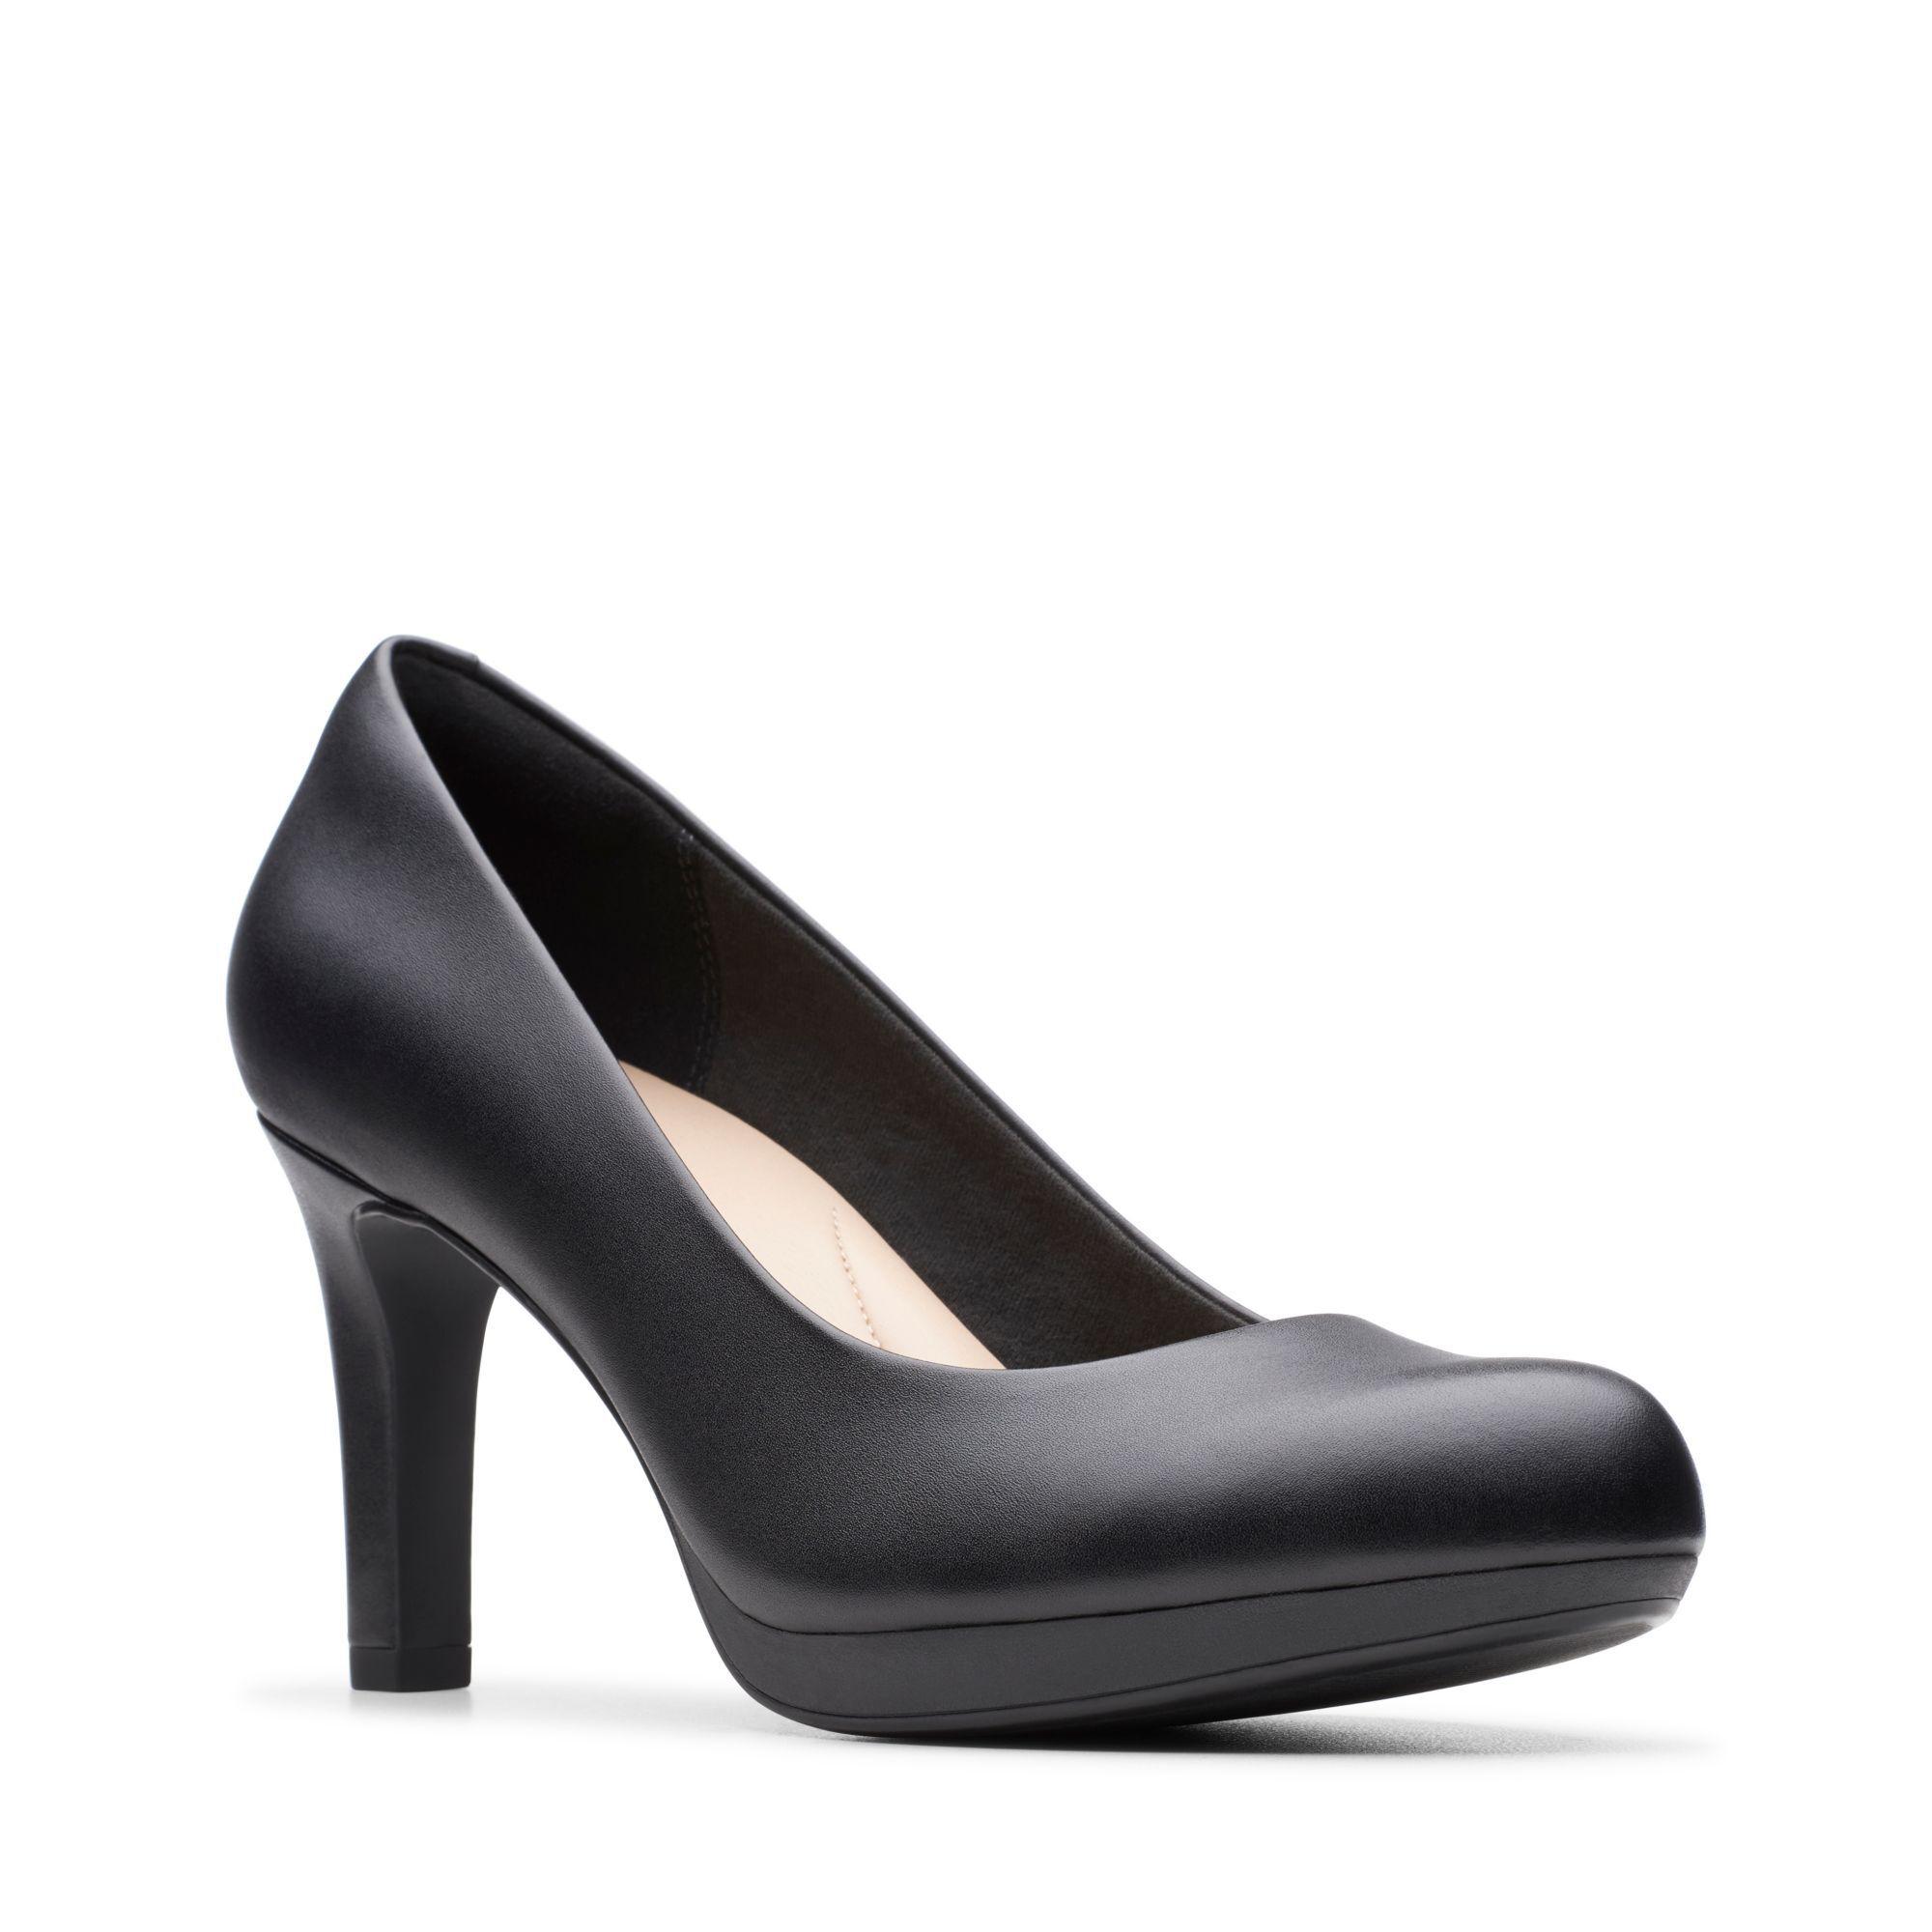 Black Leather Pumps - Adriel Viola | Clarks